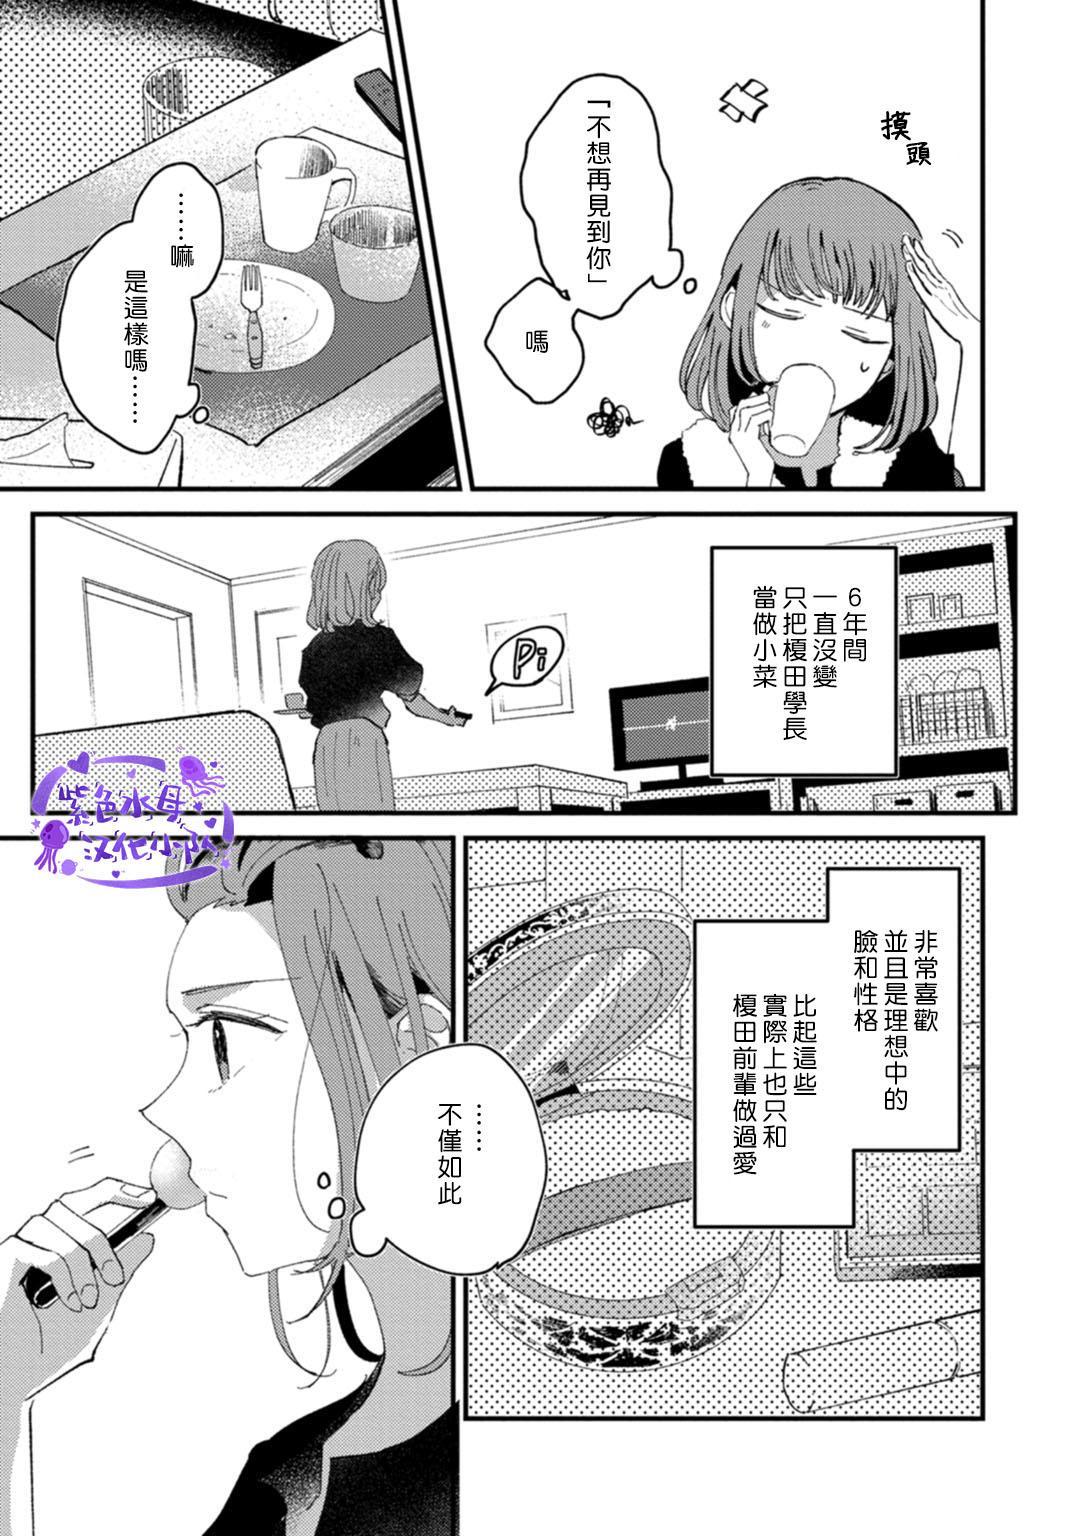 Watashiha Okazusenpai ni Taberaretai 13